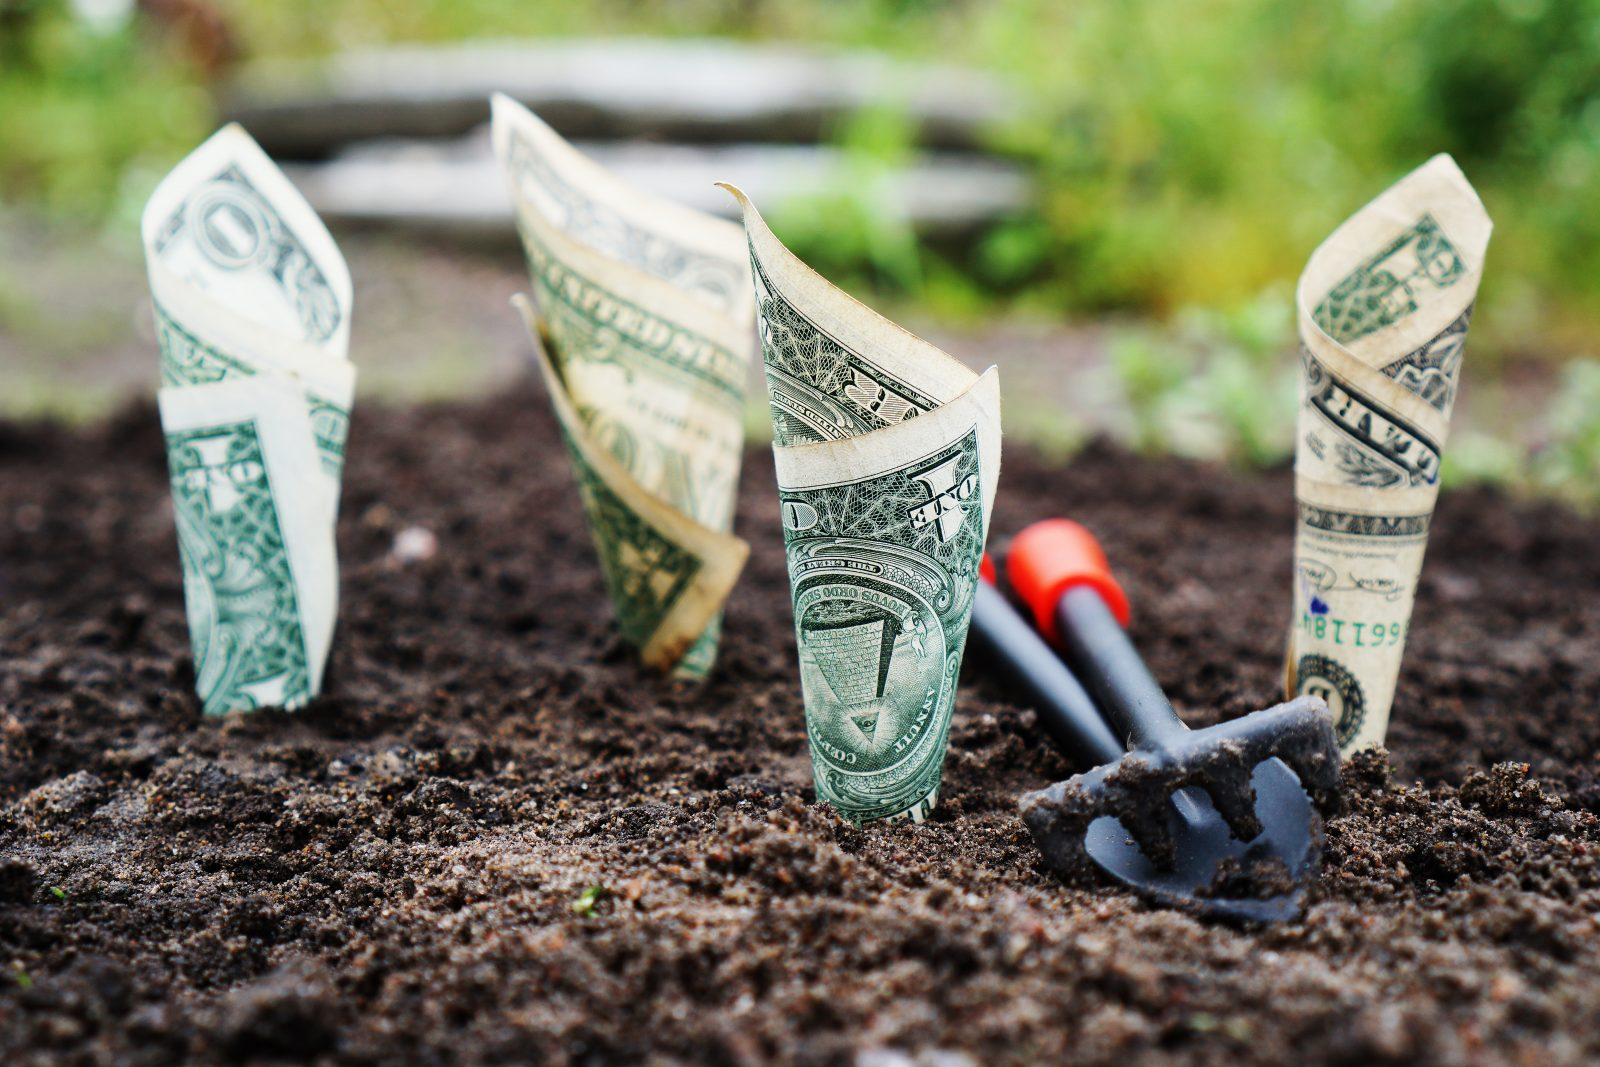 - Idee per fare soldi online - Idee per fare soldi online